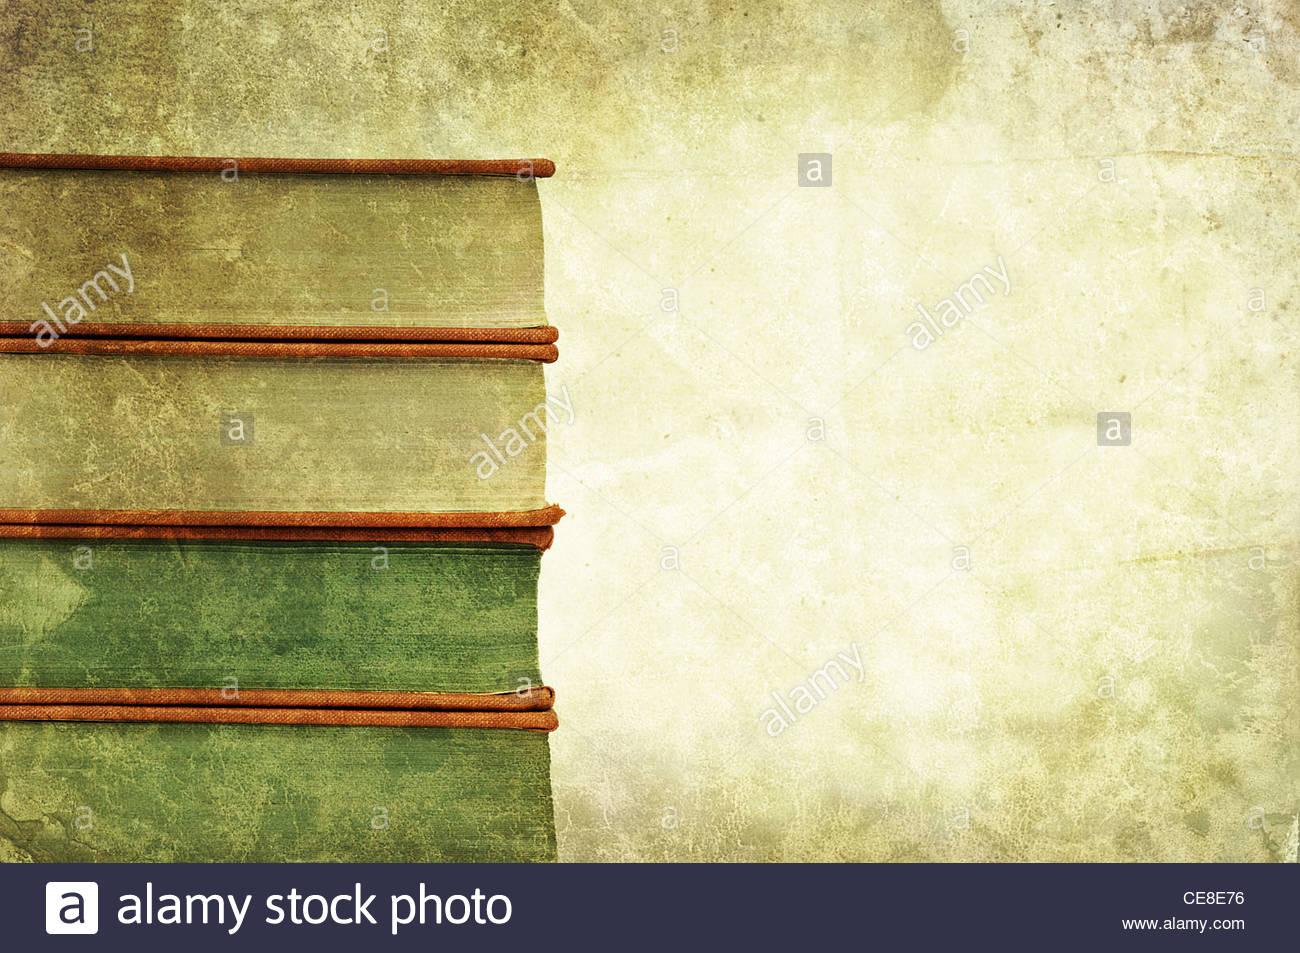 pila de libro antiguo Imagen De Stock